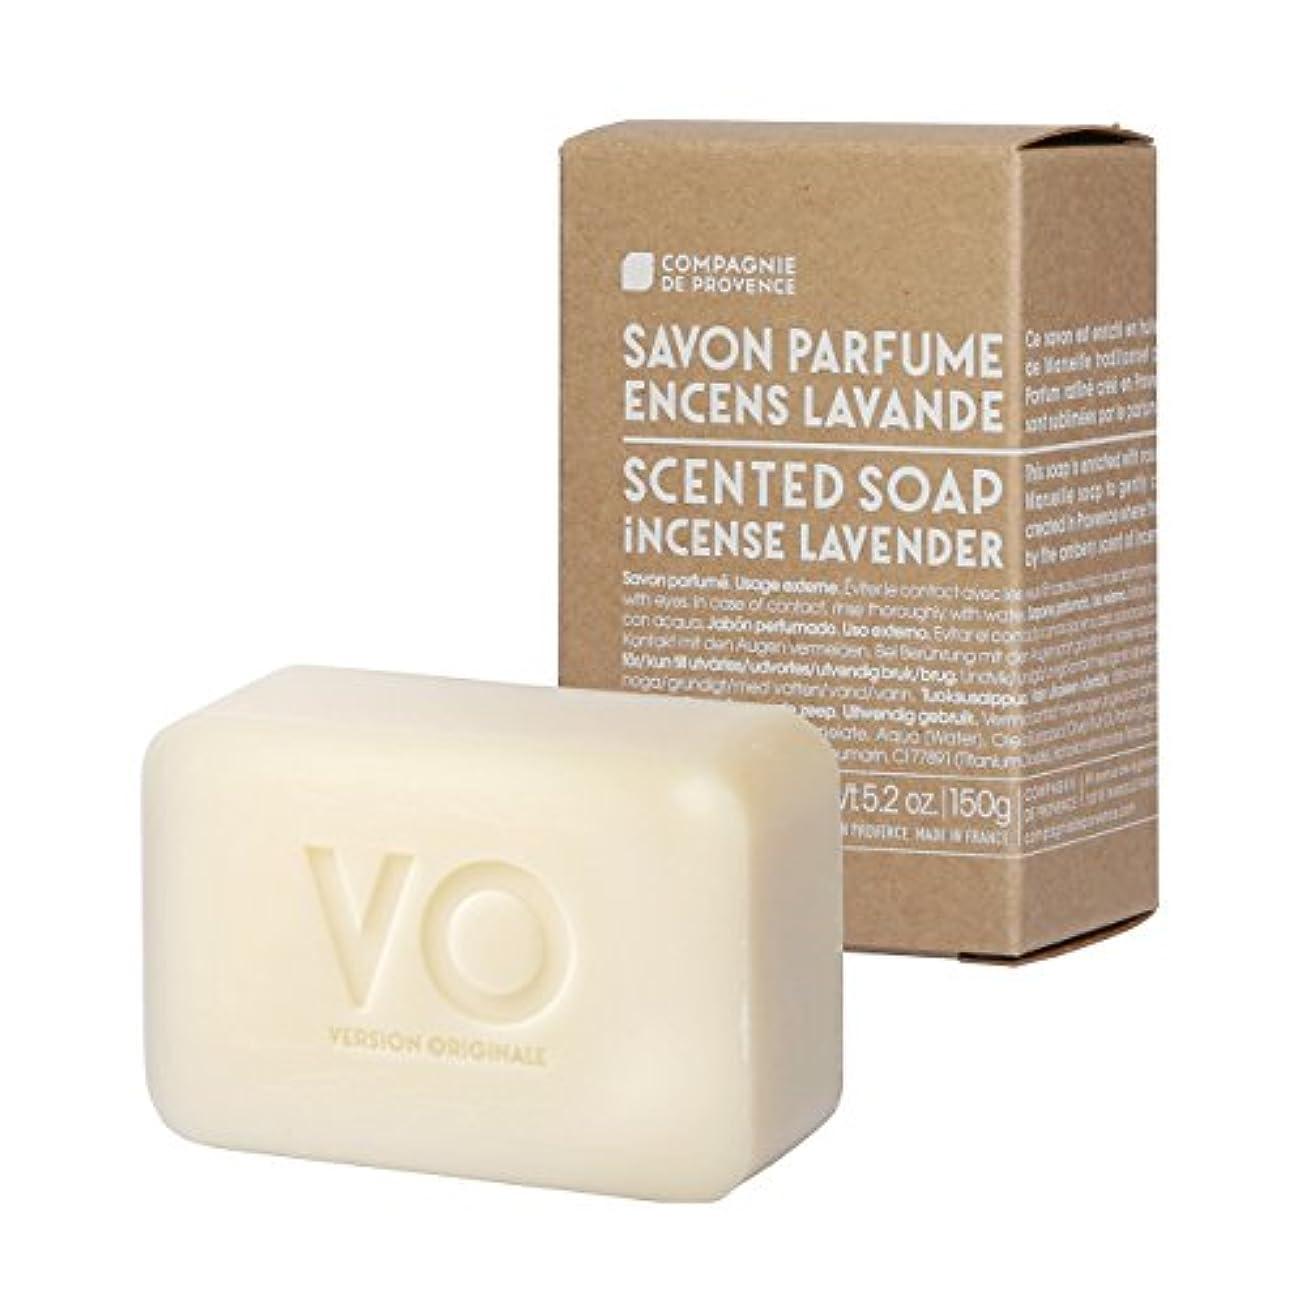 中断厄介な免除カンパニードプロバンス バージョンオリジナル センティッドソープ インセンスラベンダー(ラベンダーとお香の香り) 150g